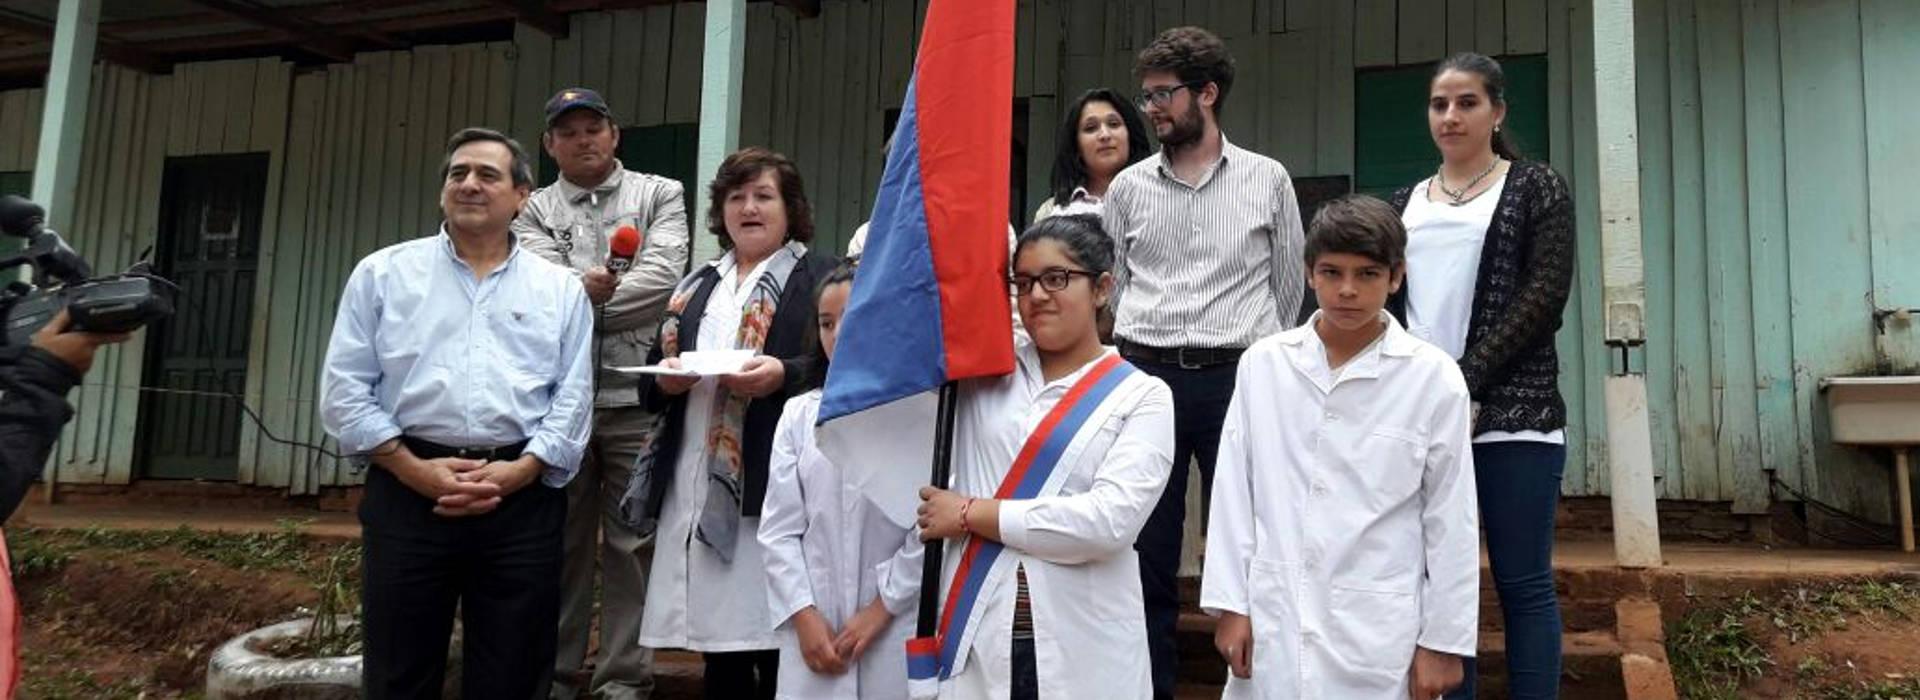 La UNAU realizó donaciones en la Escuela 949 de San Vicente